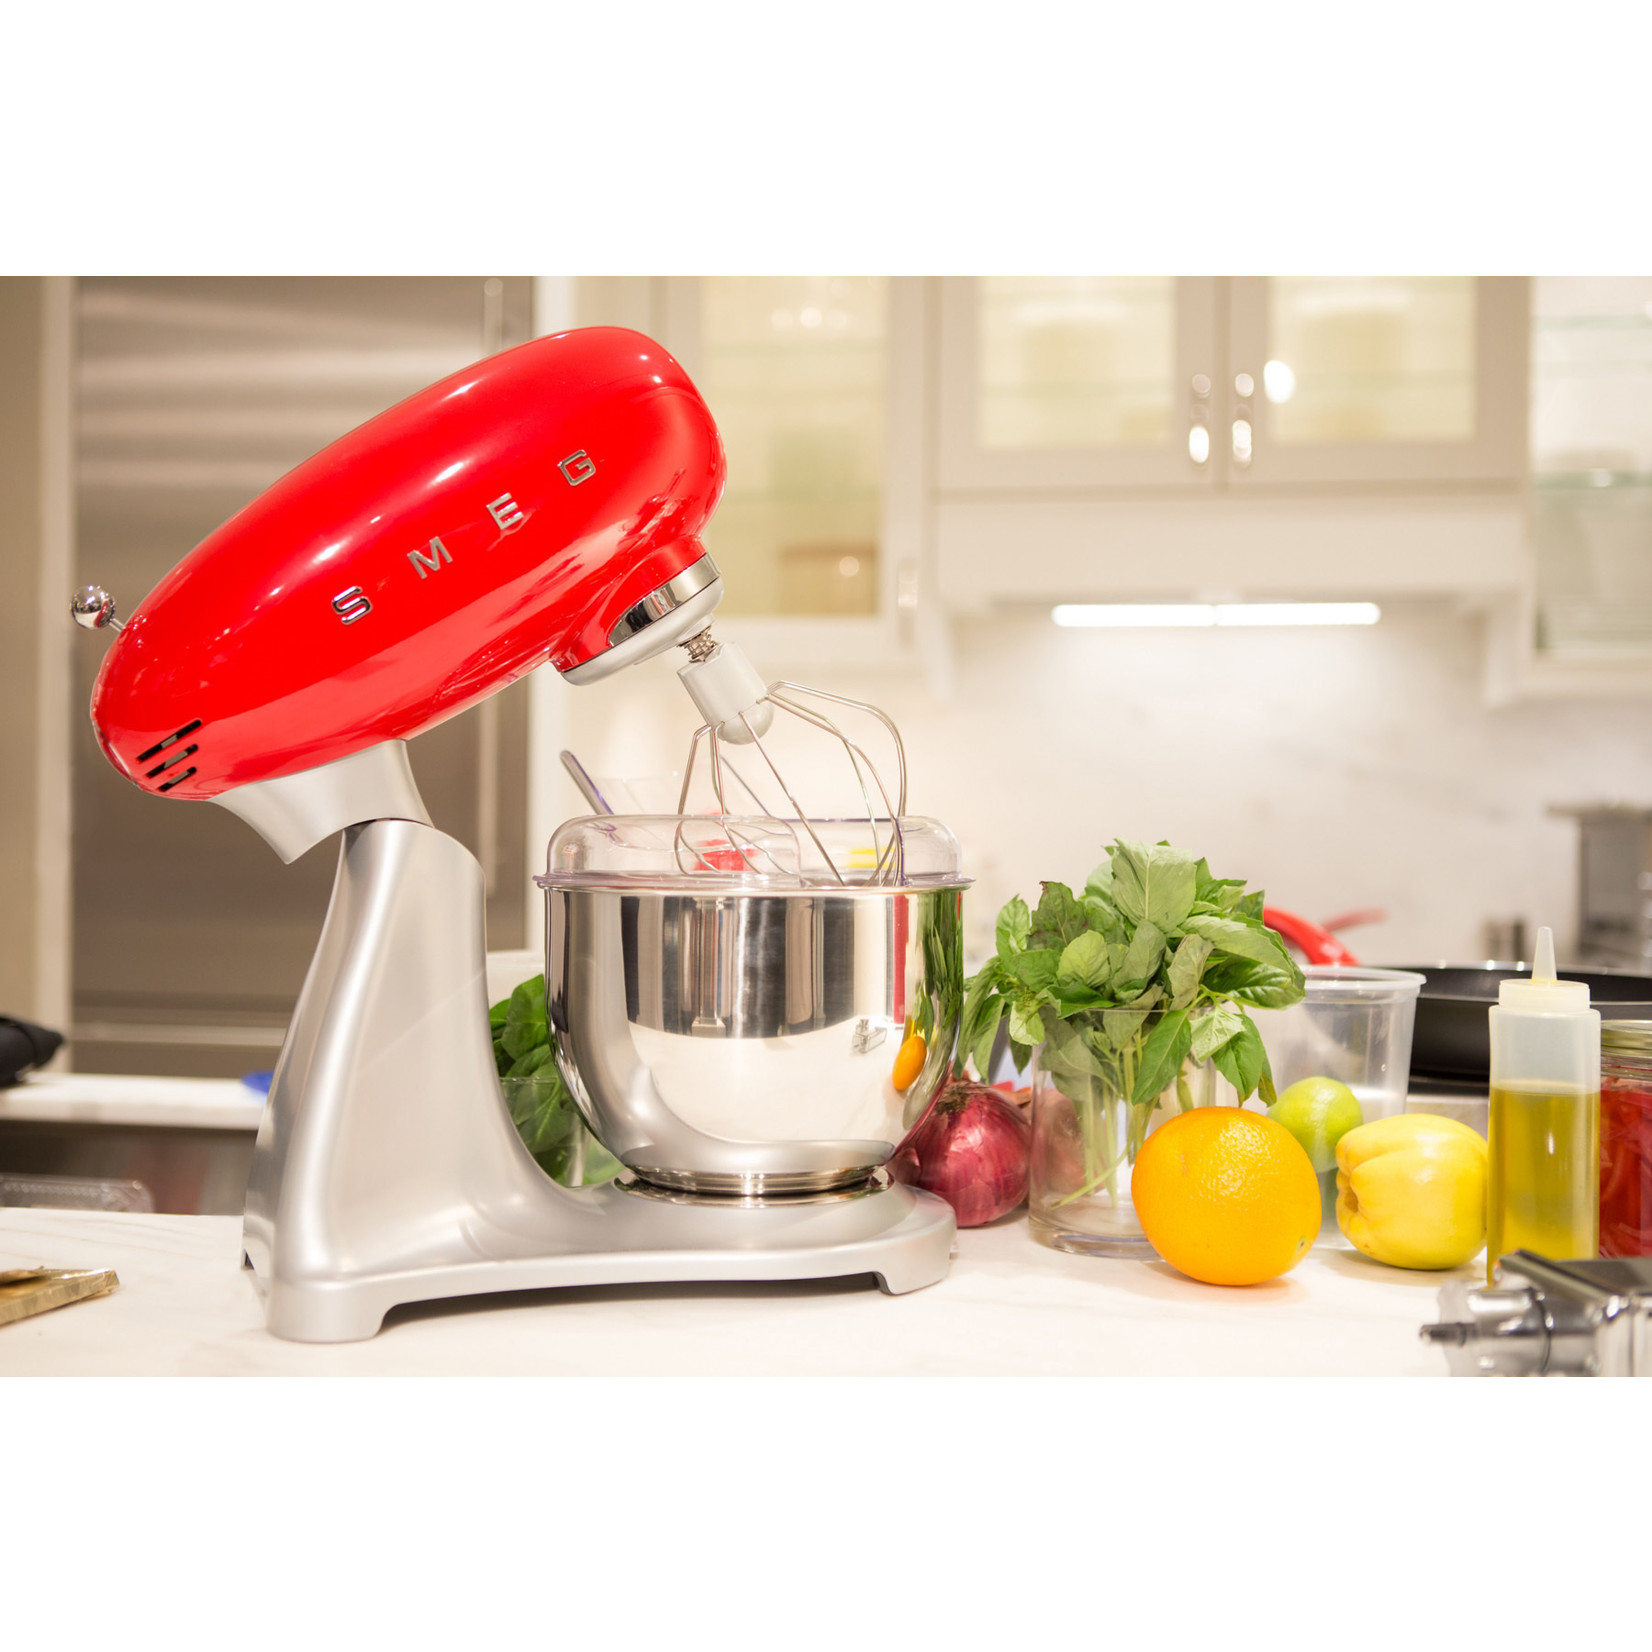 Smeg Smeg Keukenmachine SMF02RDEU, rood